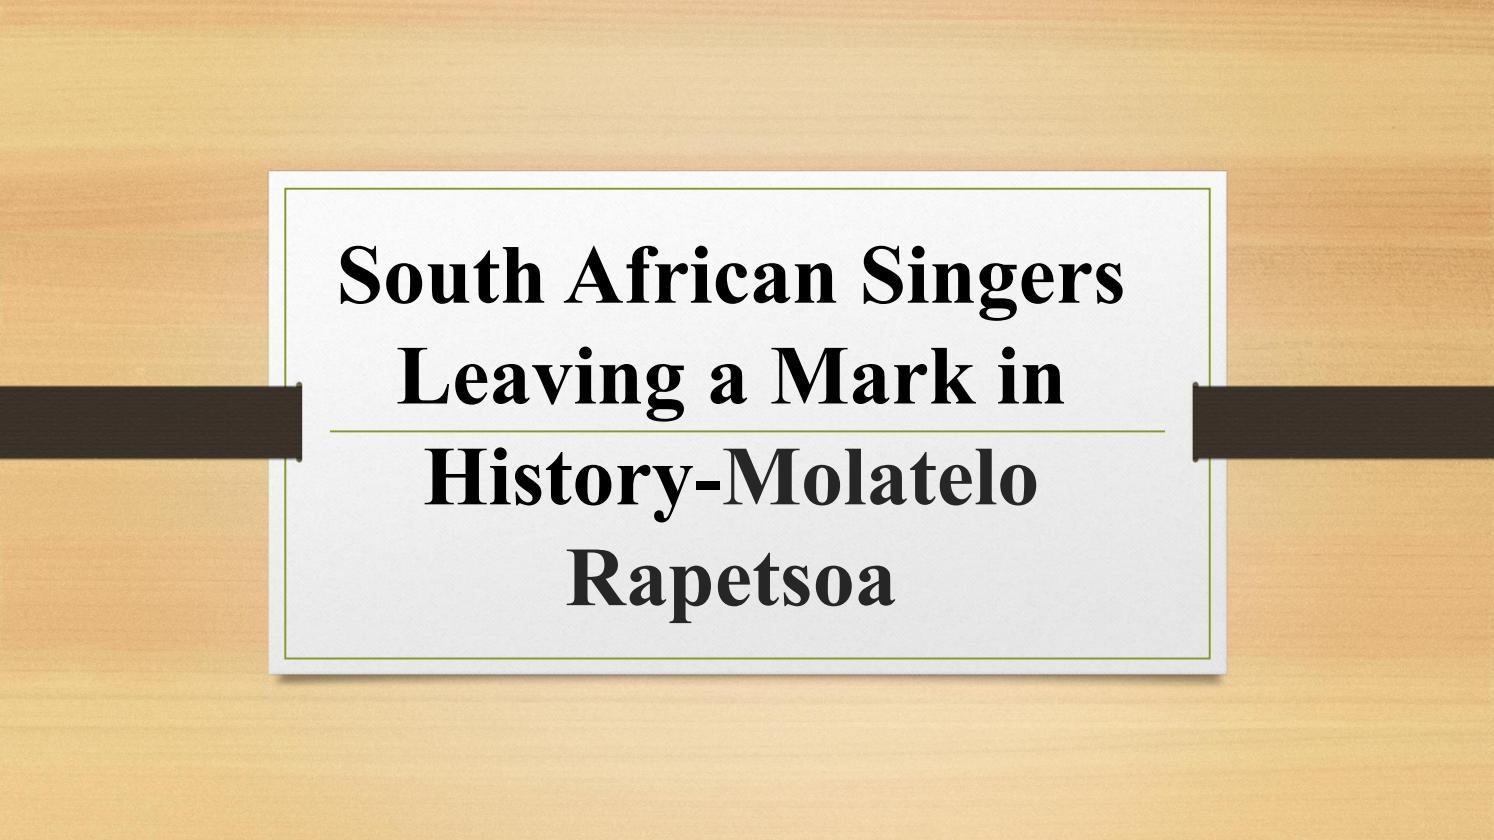 Famous singers in South Africa-Molatelo Rapetsoa by Molatelo